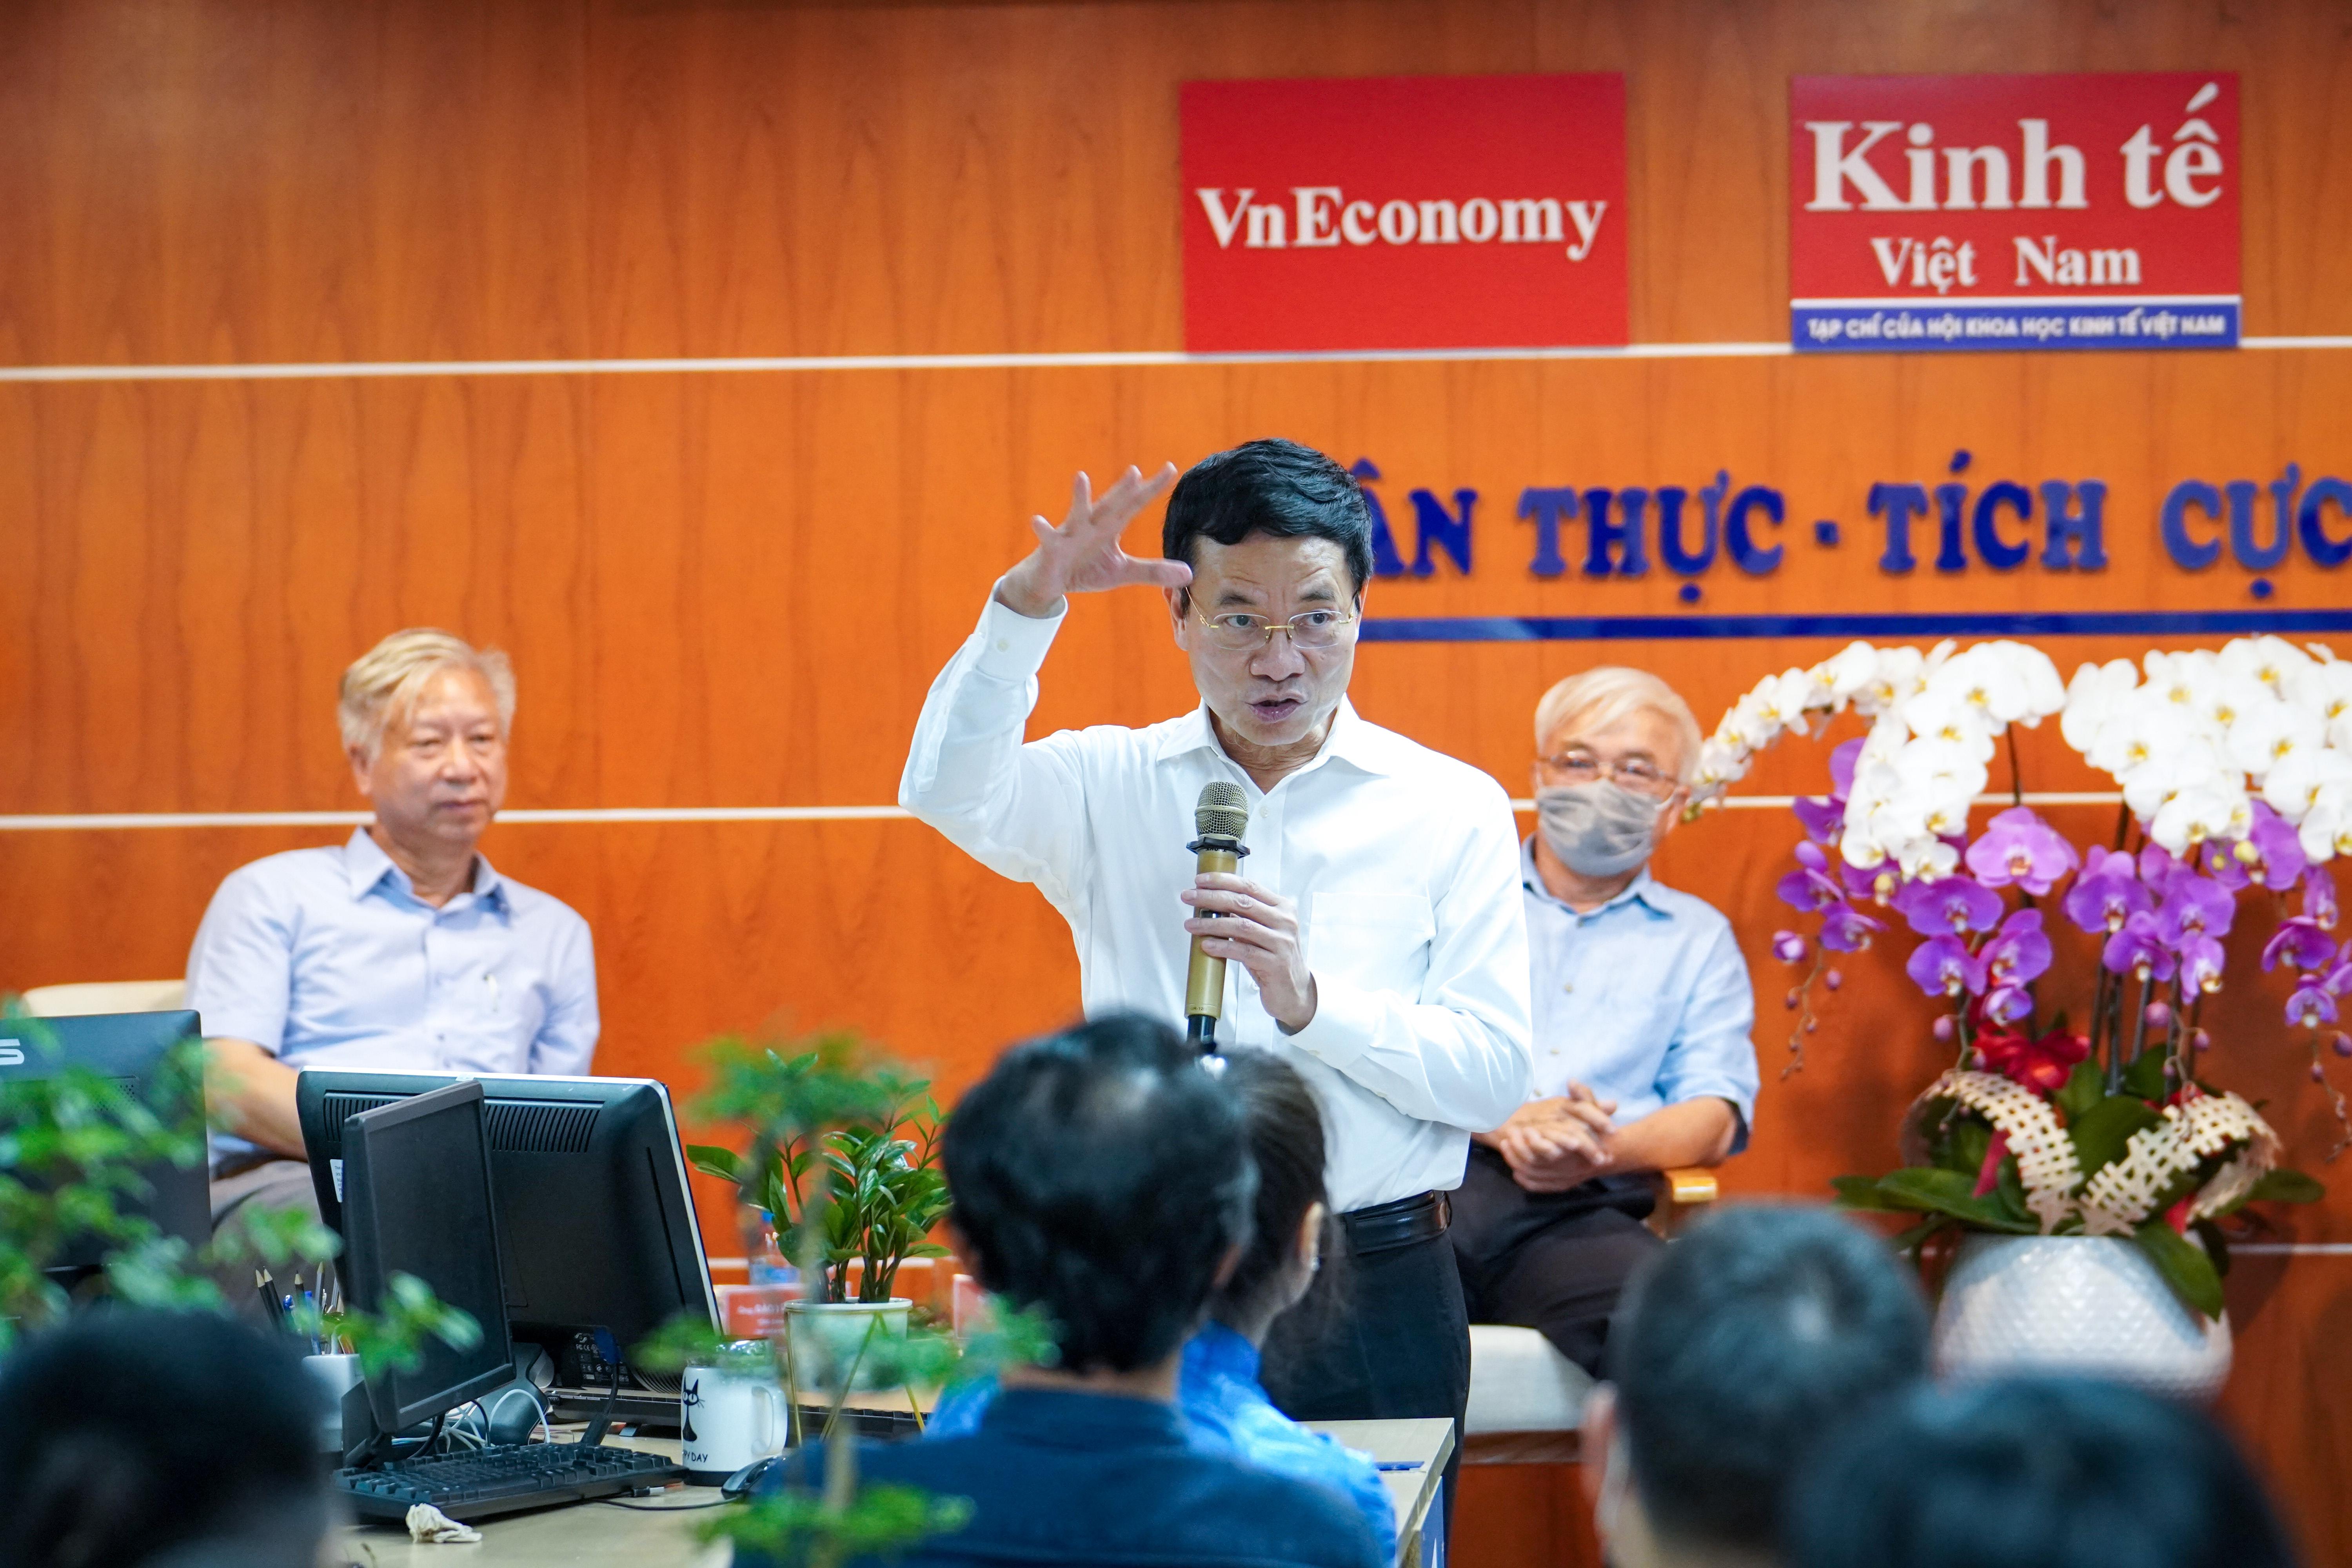 """""""Tạp chí Kinh tế Việt Nam chọn kinh tế số là đúng hướng vì đây sẽ là động lực chính dẫn dắt. Nếu kinh tế Việt Nam muốn đi lên thì chắc chắn kinh tế số phải dẫn đầu"""", Bộ trưởng nhấn mạnh."""